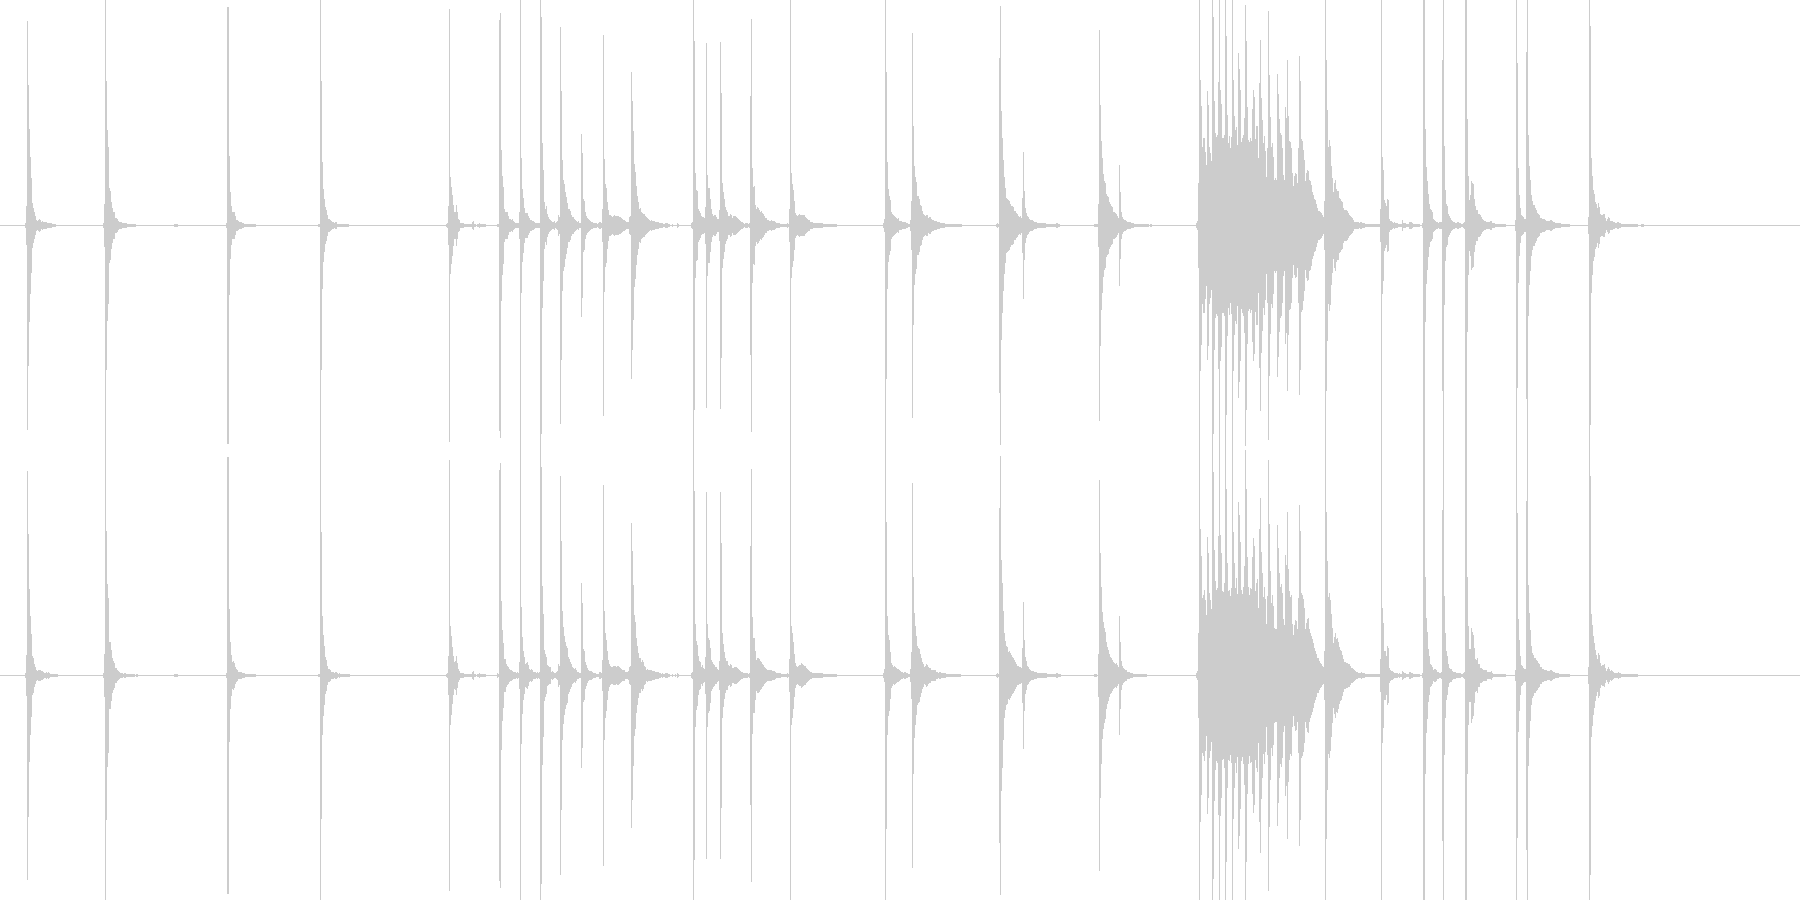 三味線108連獅子1それ歌舞伎生音和風親の未再生の波形